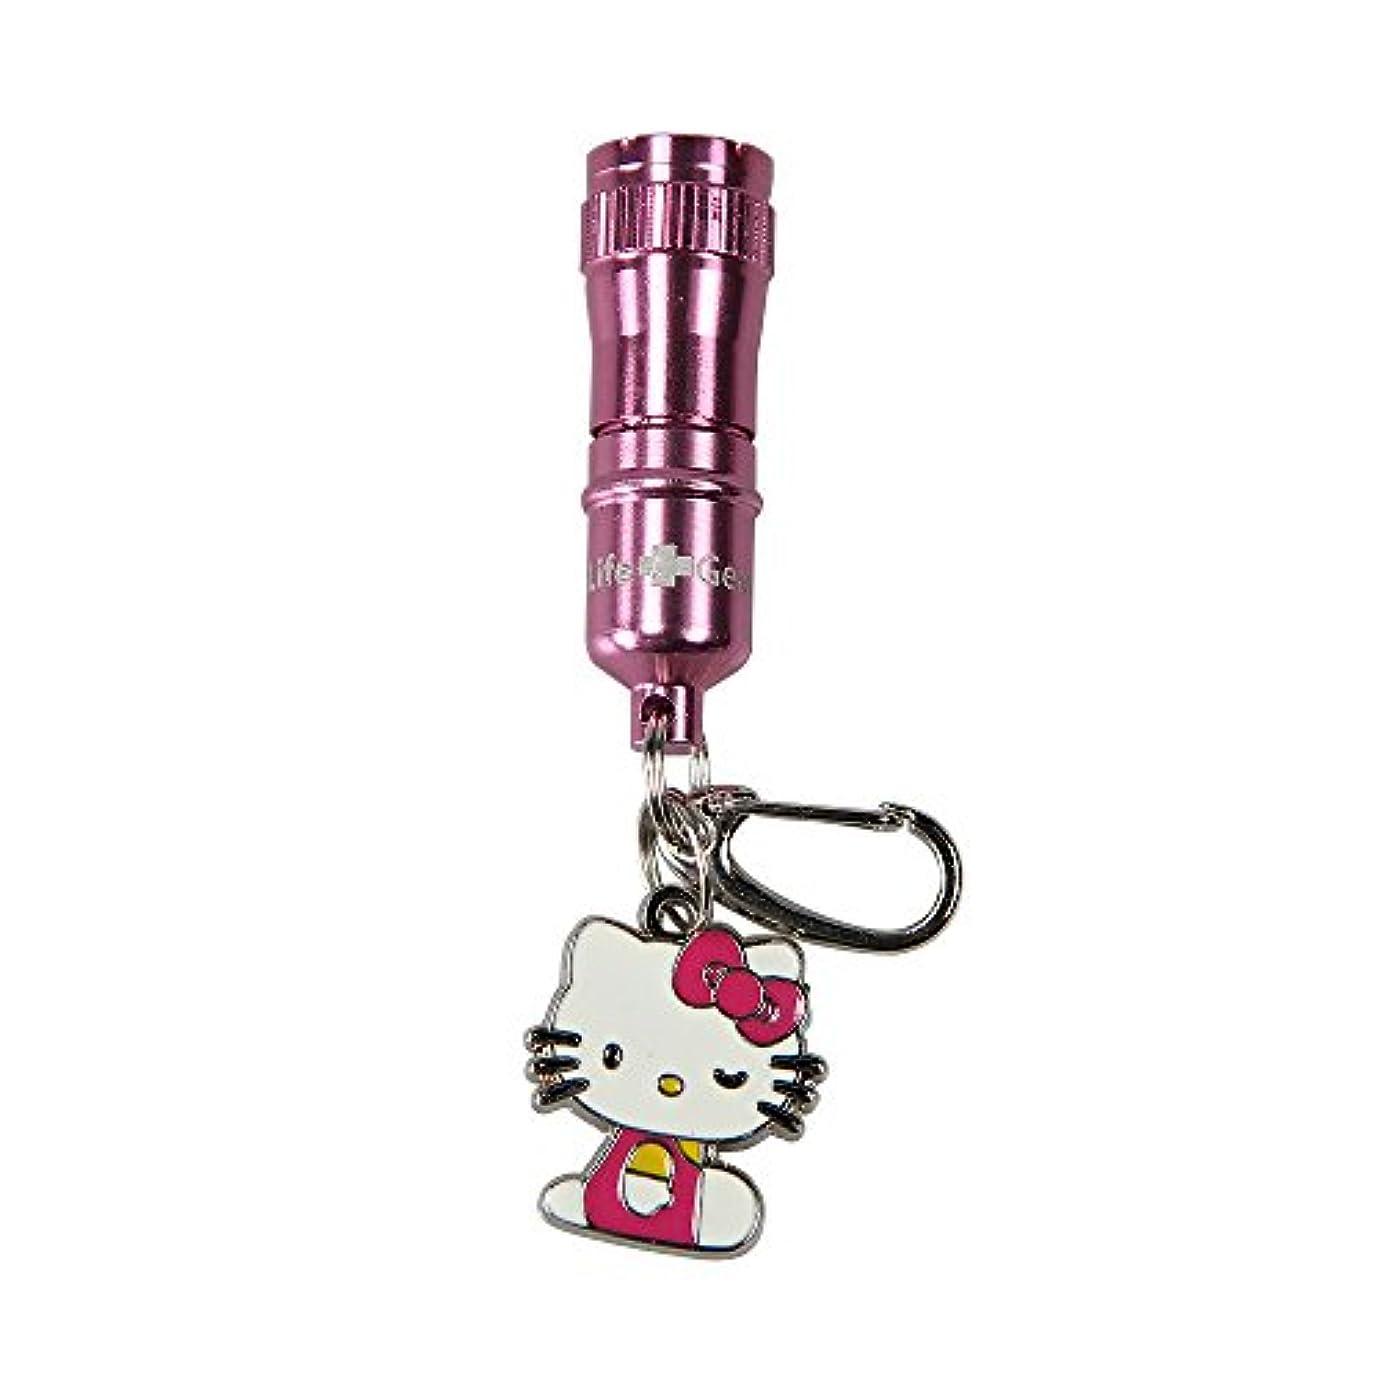 論争の的苦い田舎Life Gear Hello Kitty Aluminum Flashlight Key Chain by Life Gear